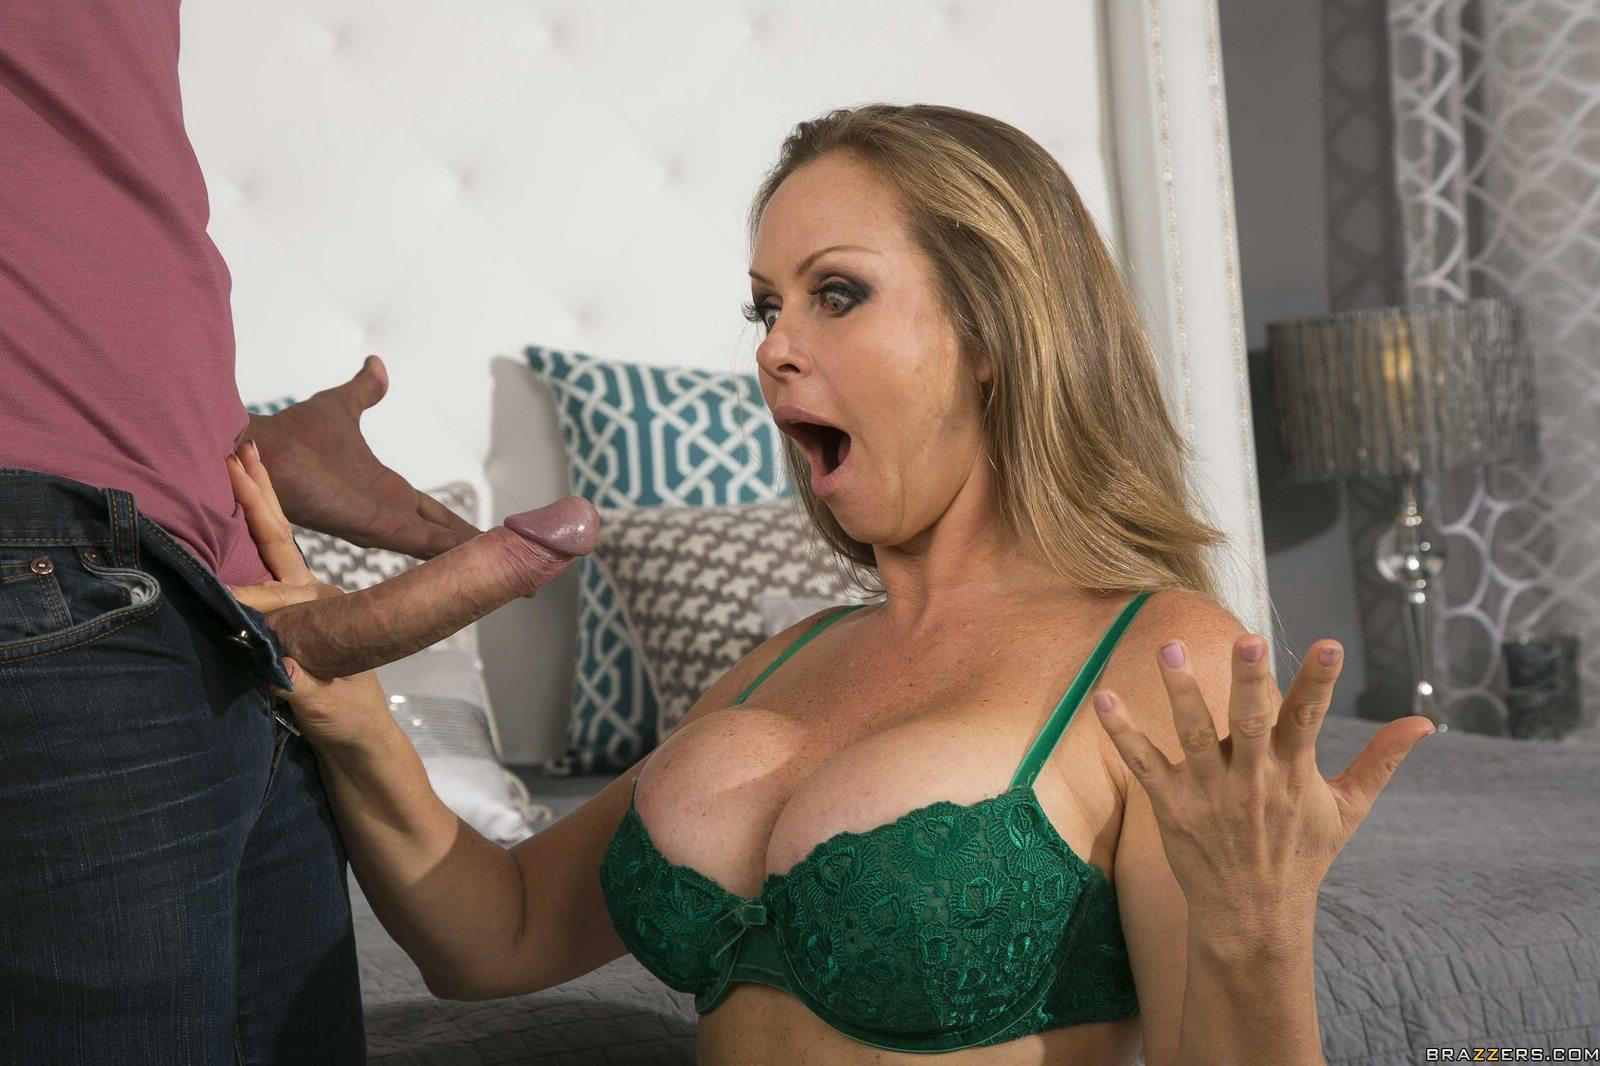 Milf fucked by big pornstar cock